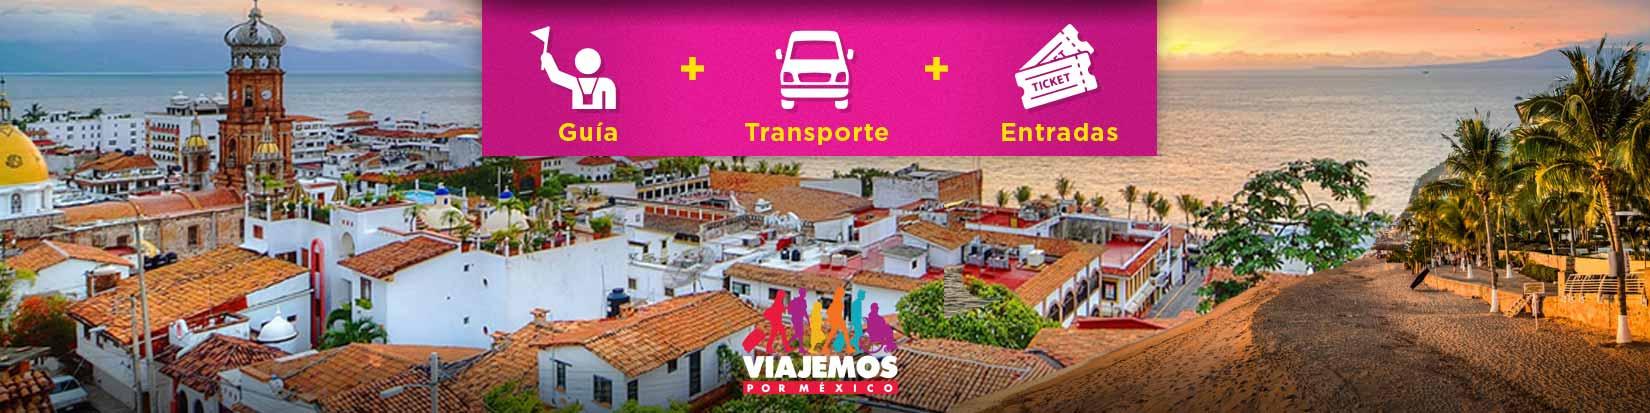 Tours / Excursiones en Vallarta de hasta 10 hrs